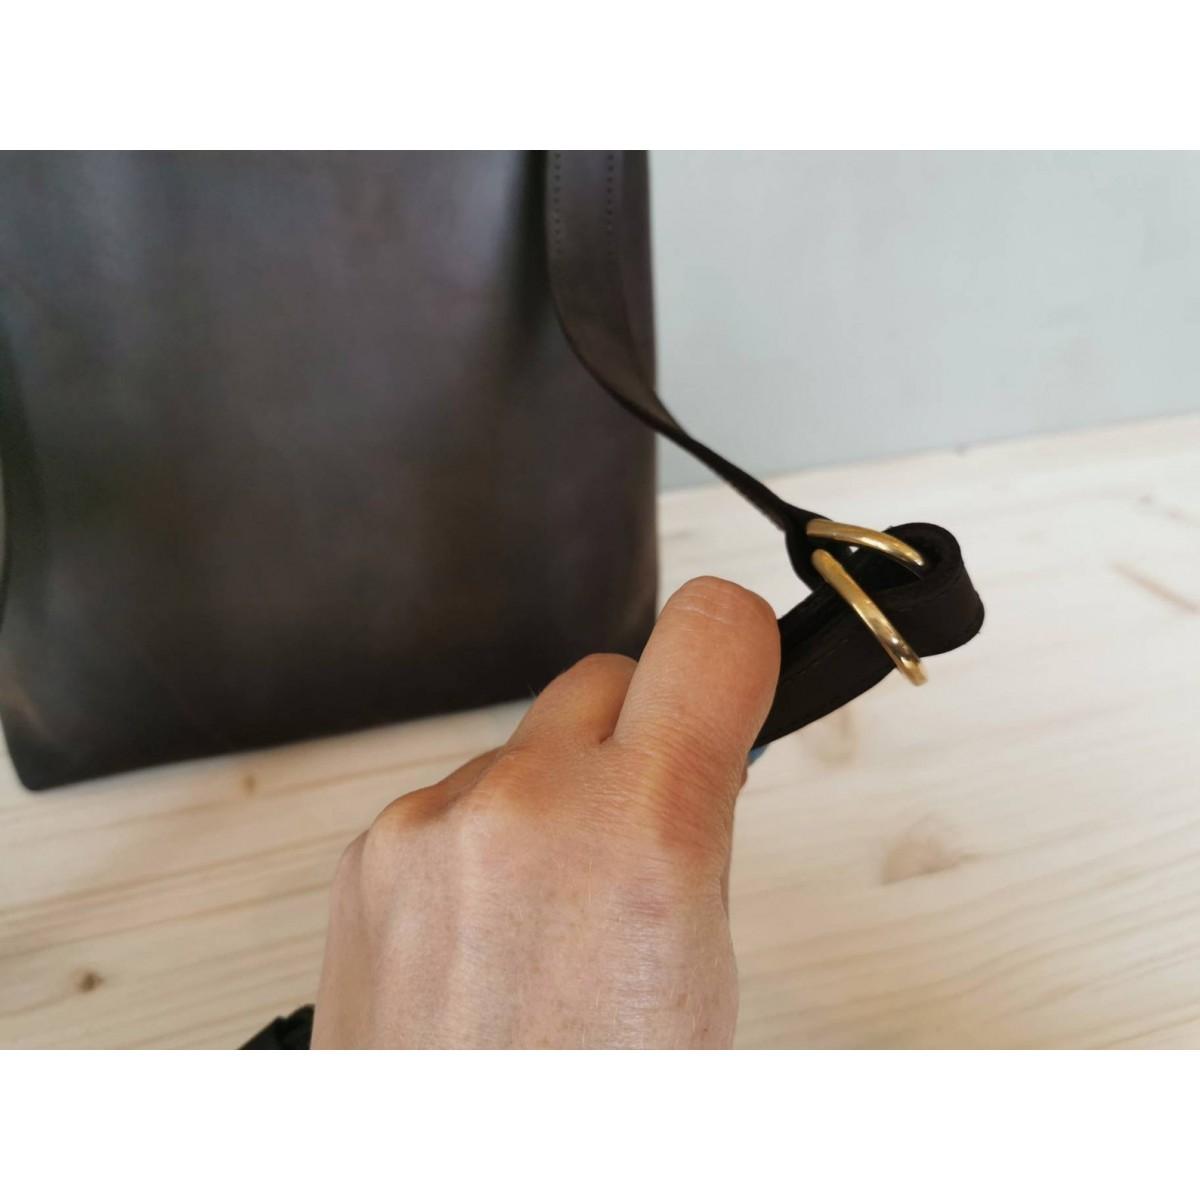 Dunkelbraune Leder Beuteltasche // leather Bucket Bag // chestnut Bucketbag // Tote Bag // Boho // Ledershopper // Crossbody Bag